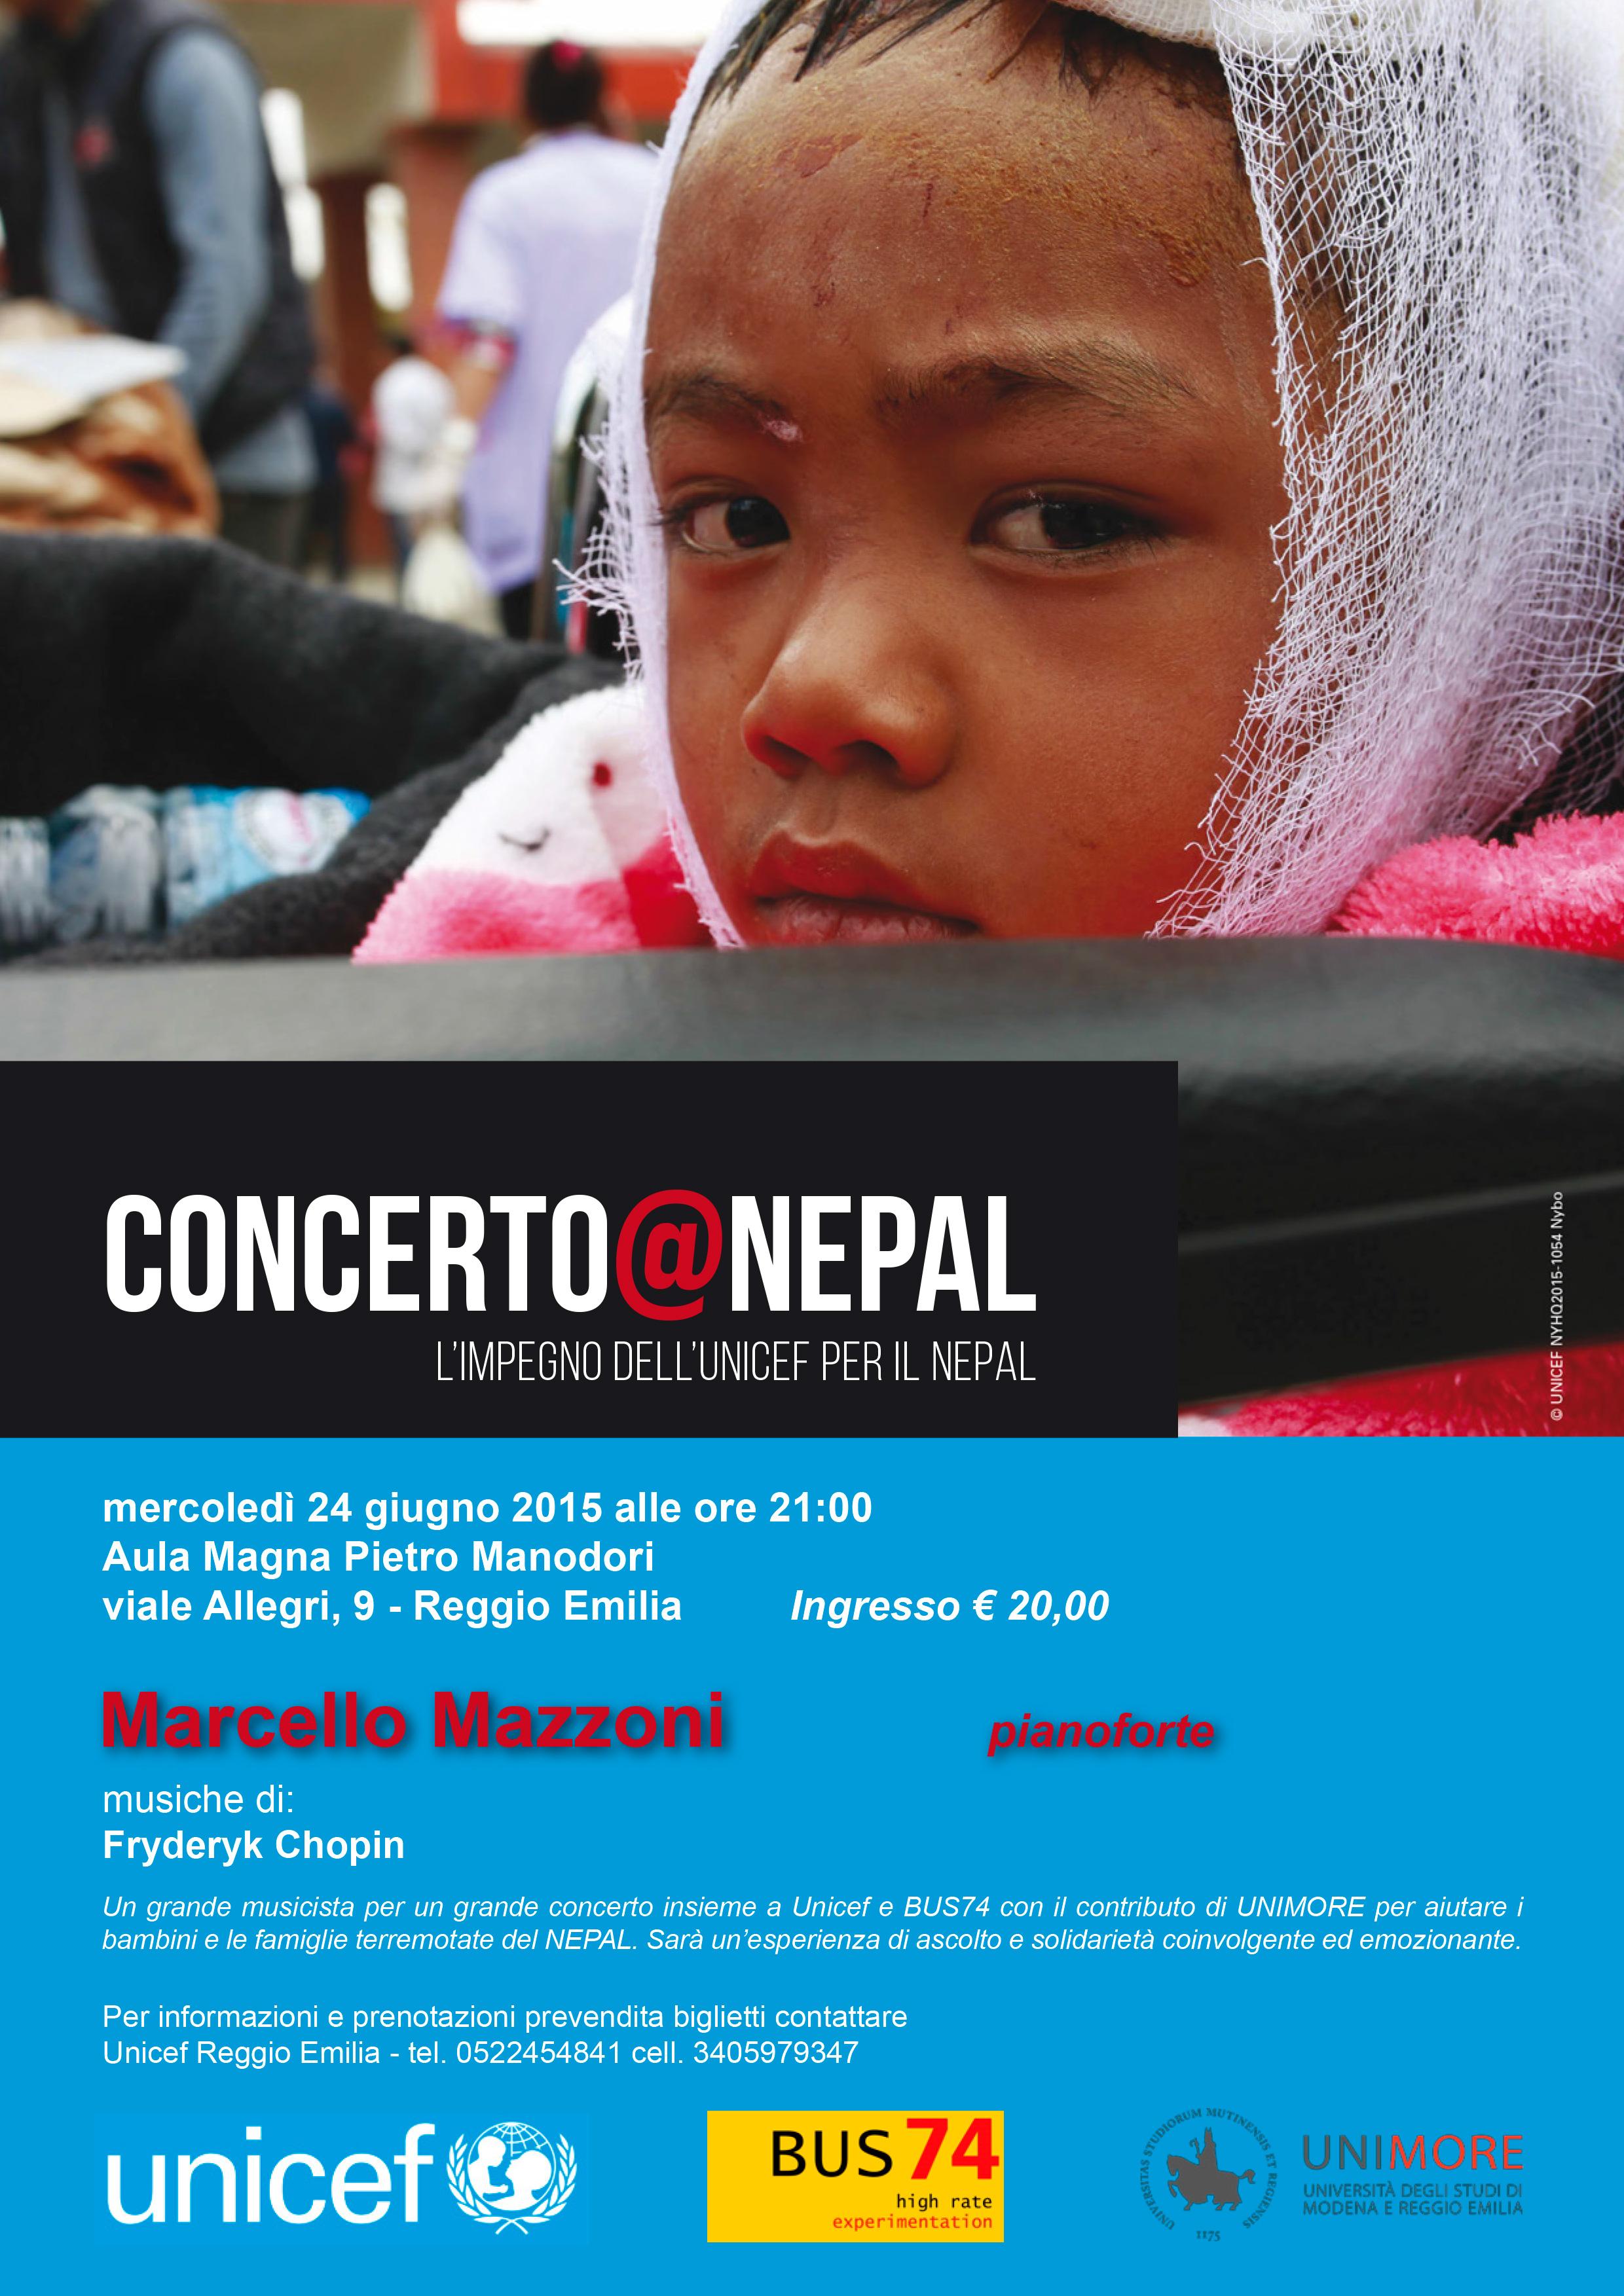 UNICEF - Marcello Mazzoni